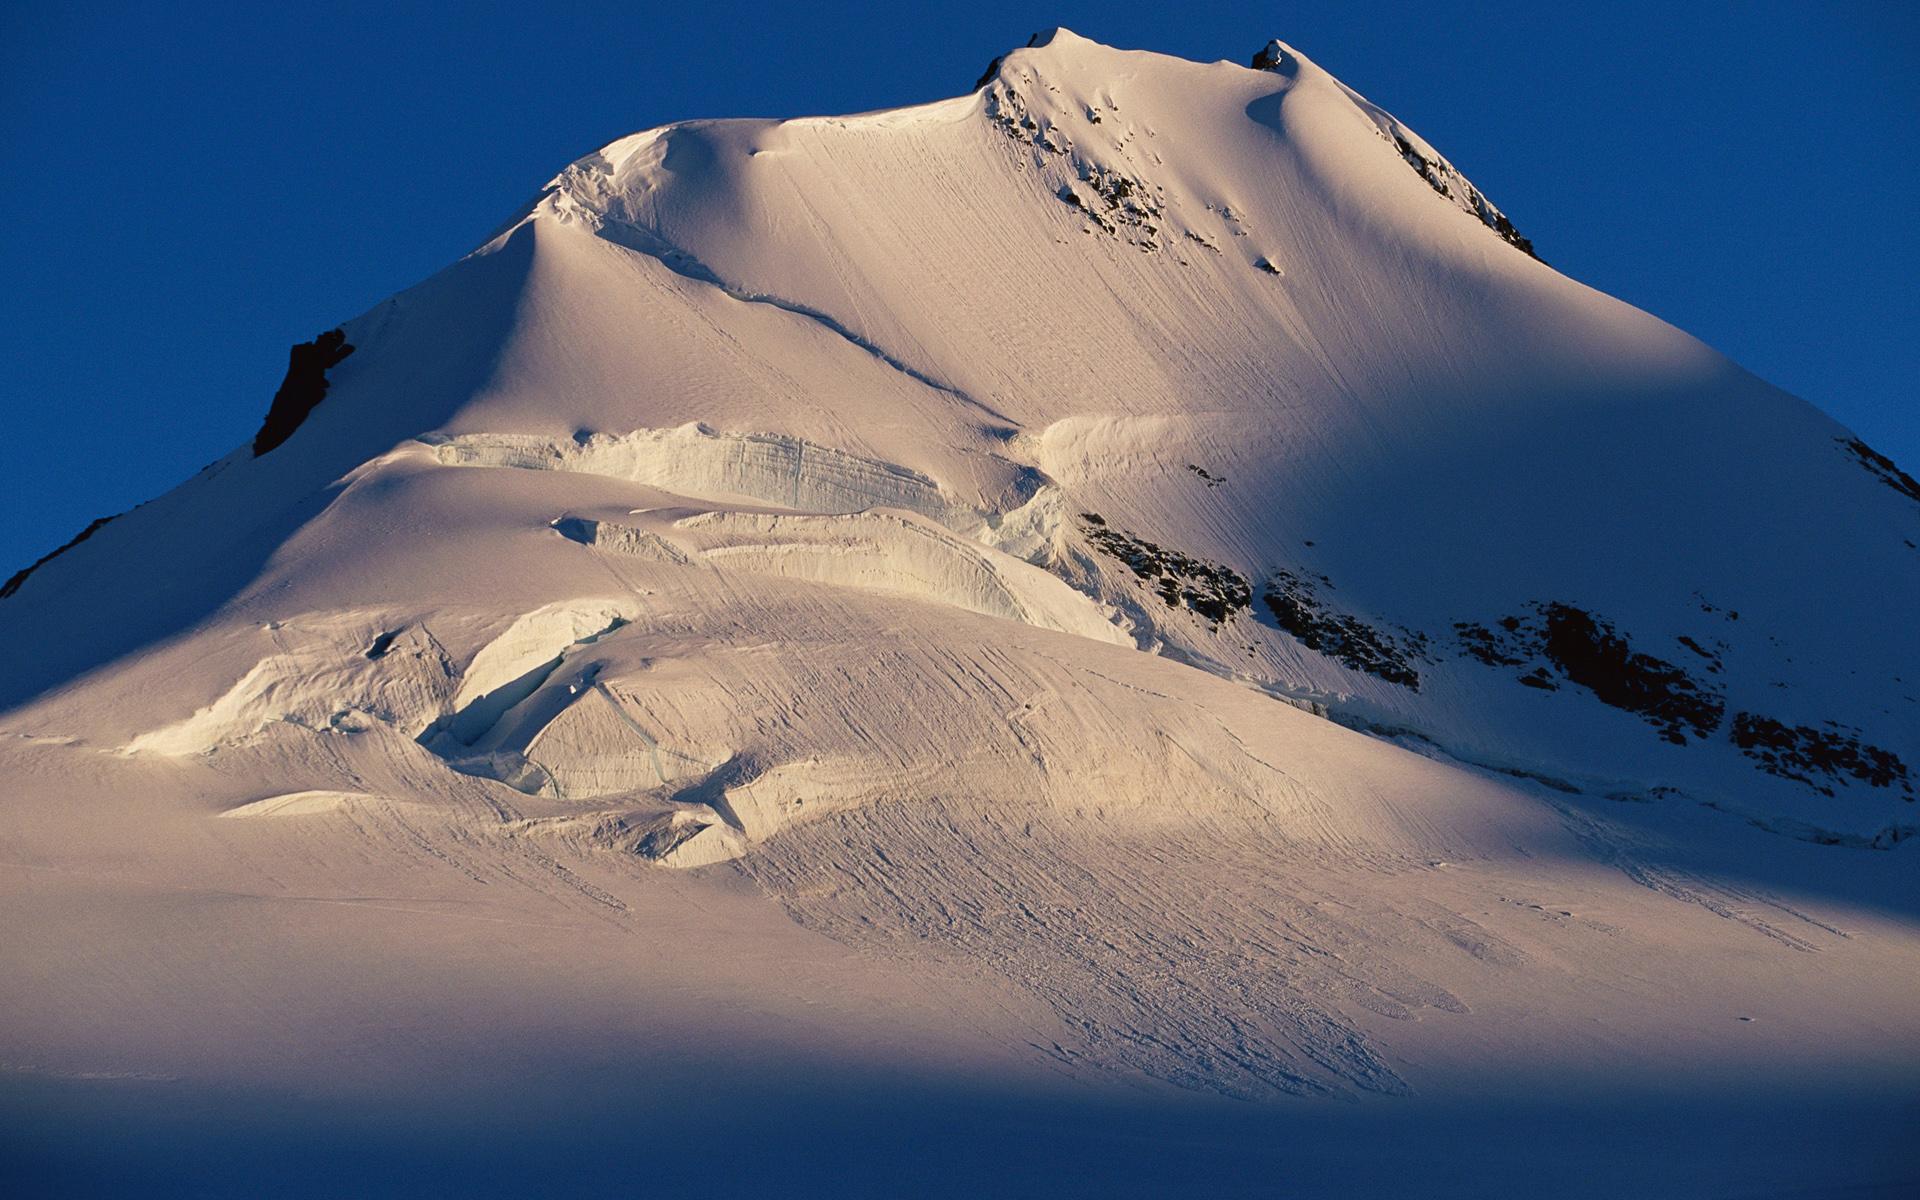 Earth Mountain 1920x1200